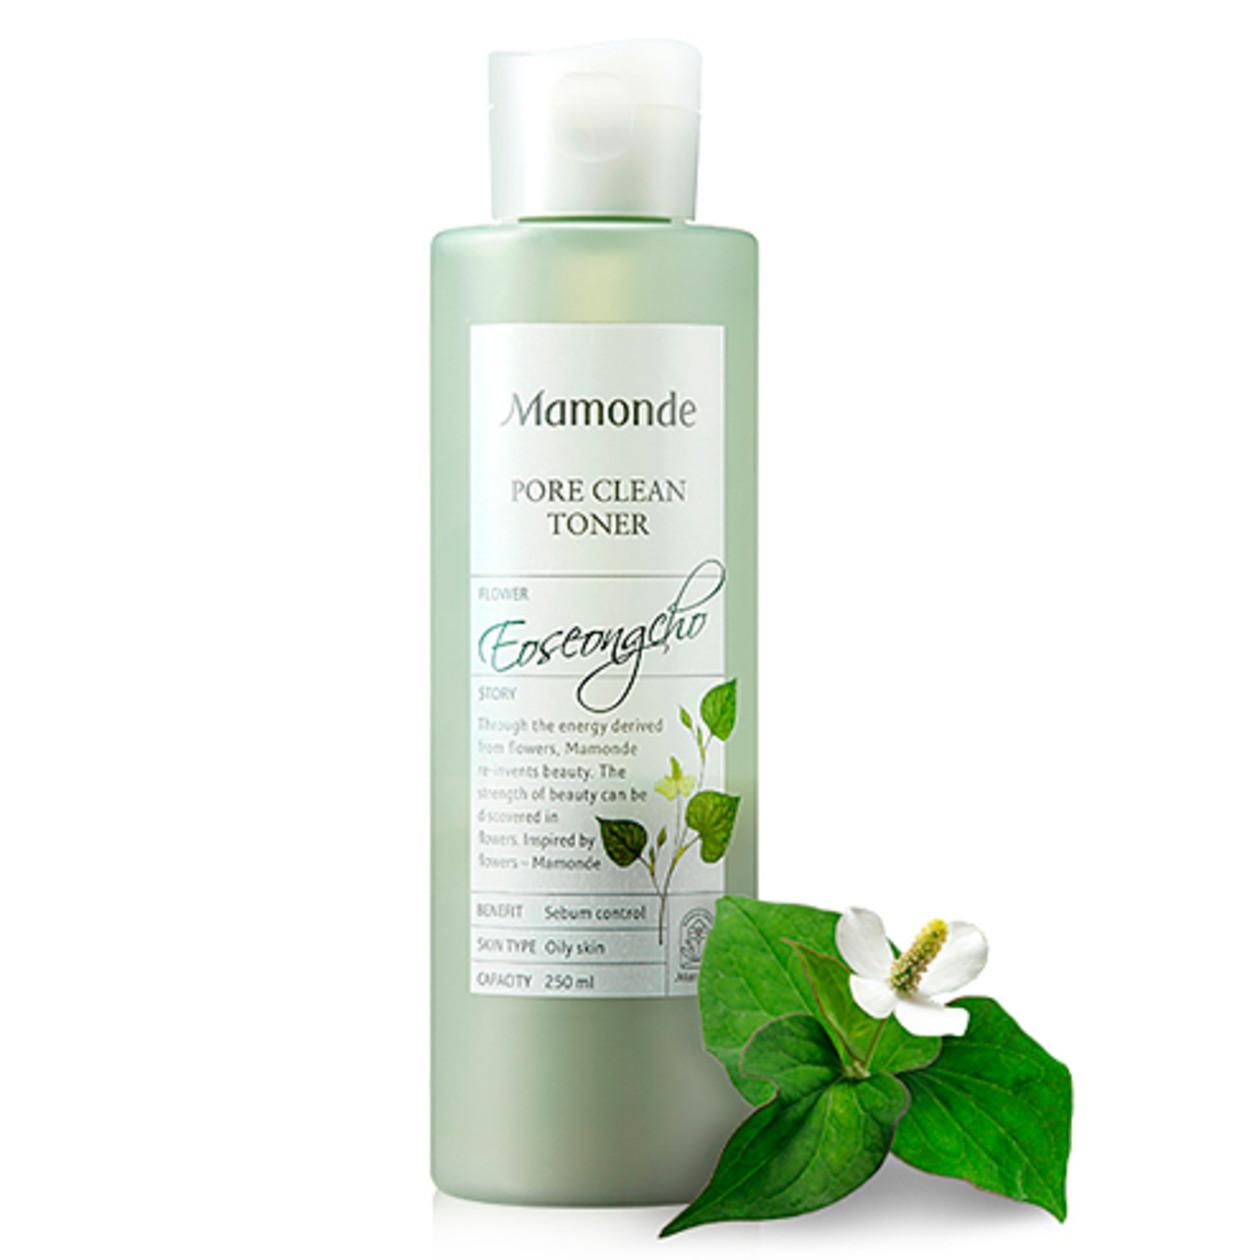 Тонер для очищения пор лица, Mamonde Pore Clean Toner